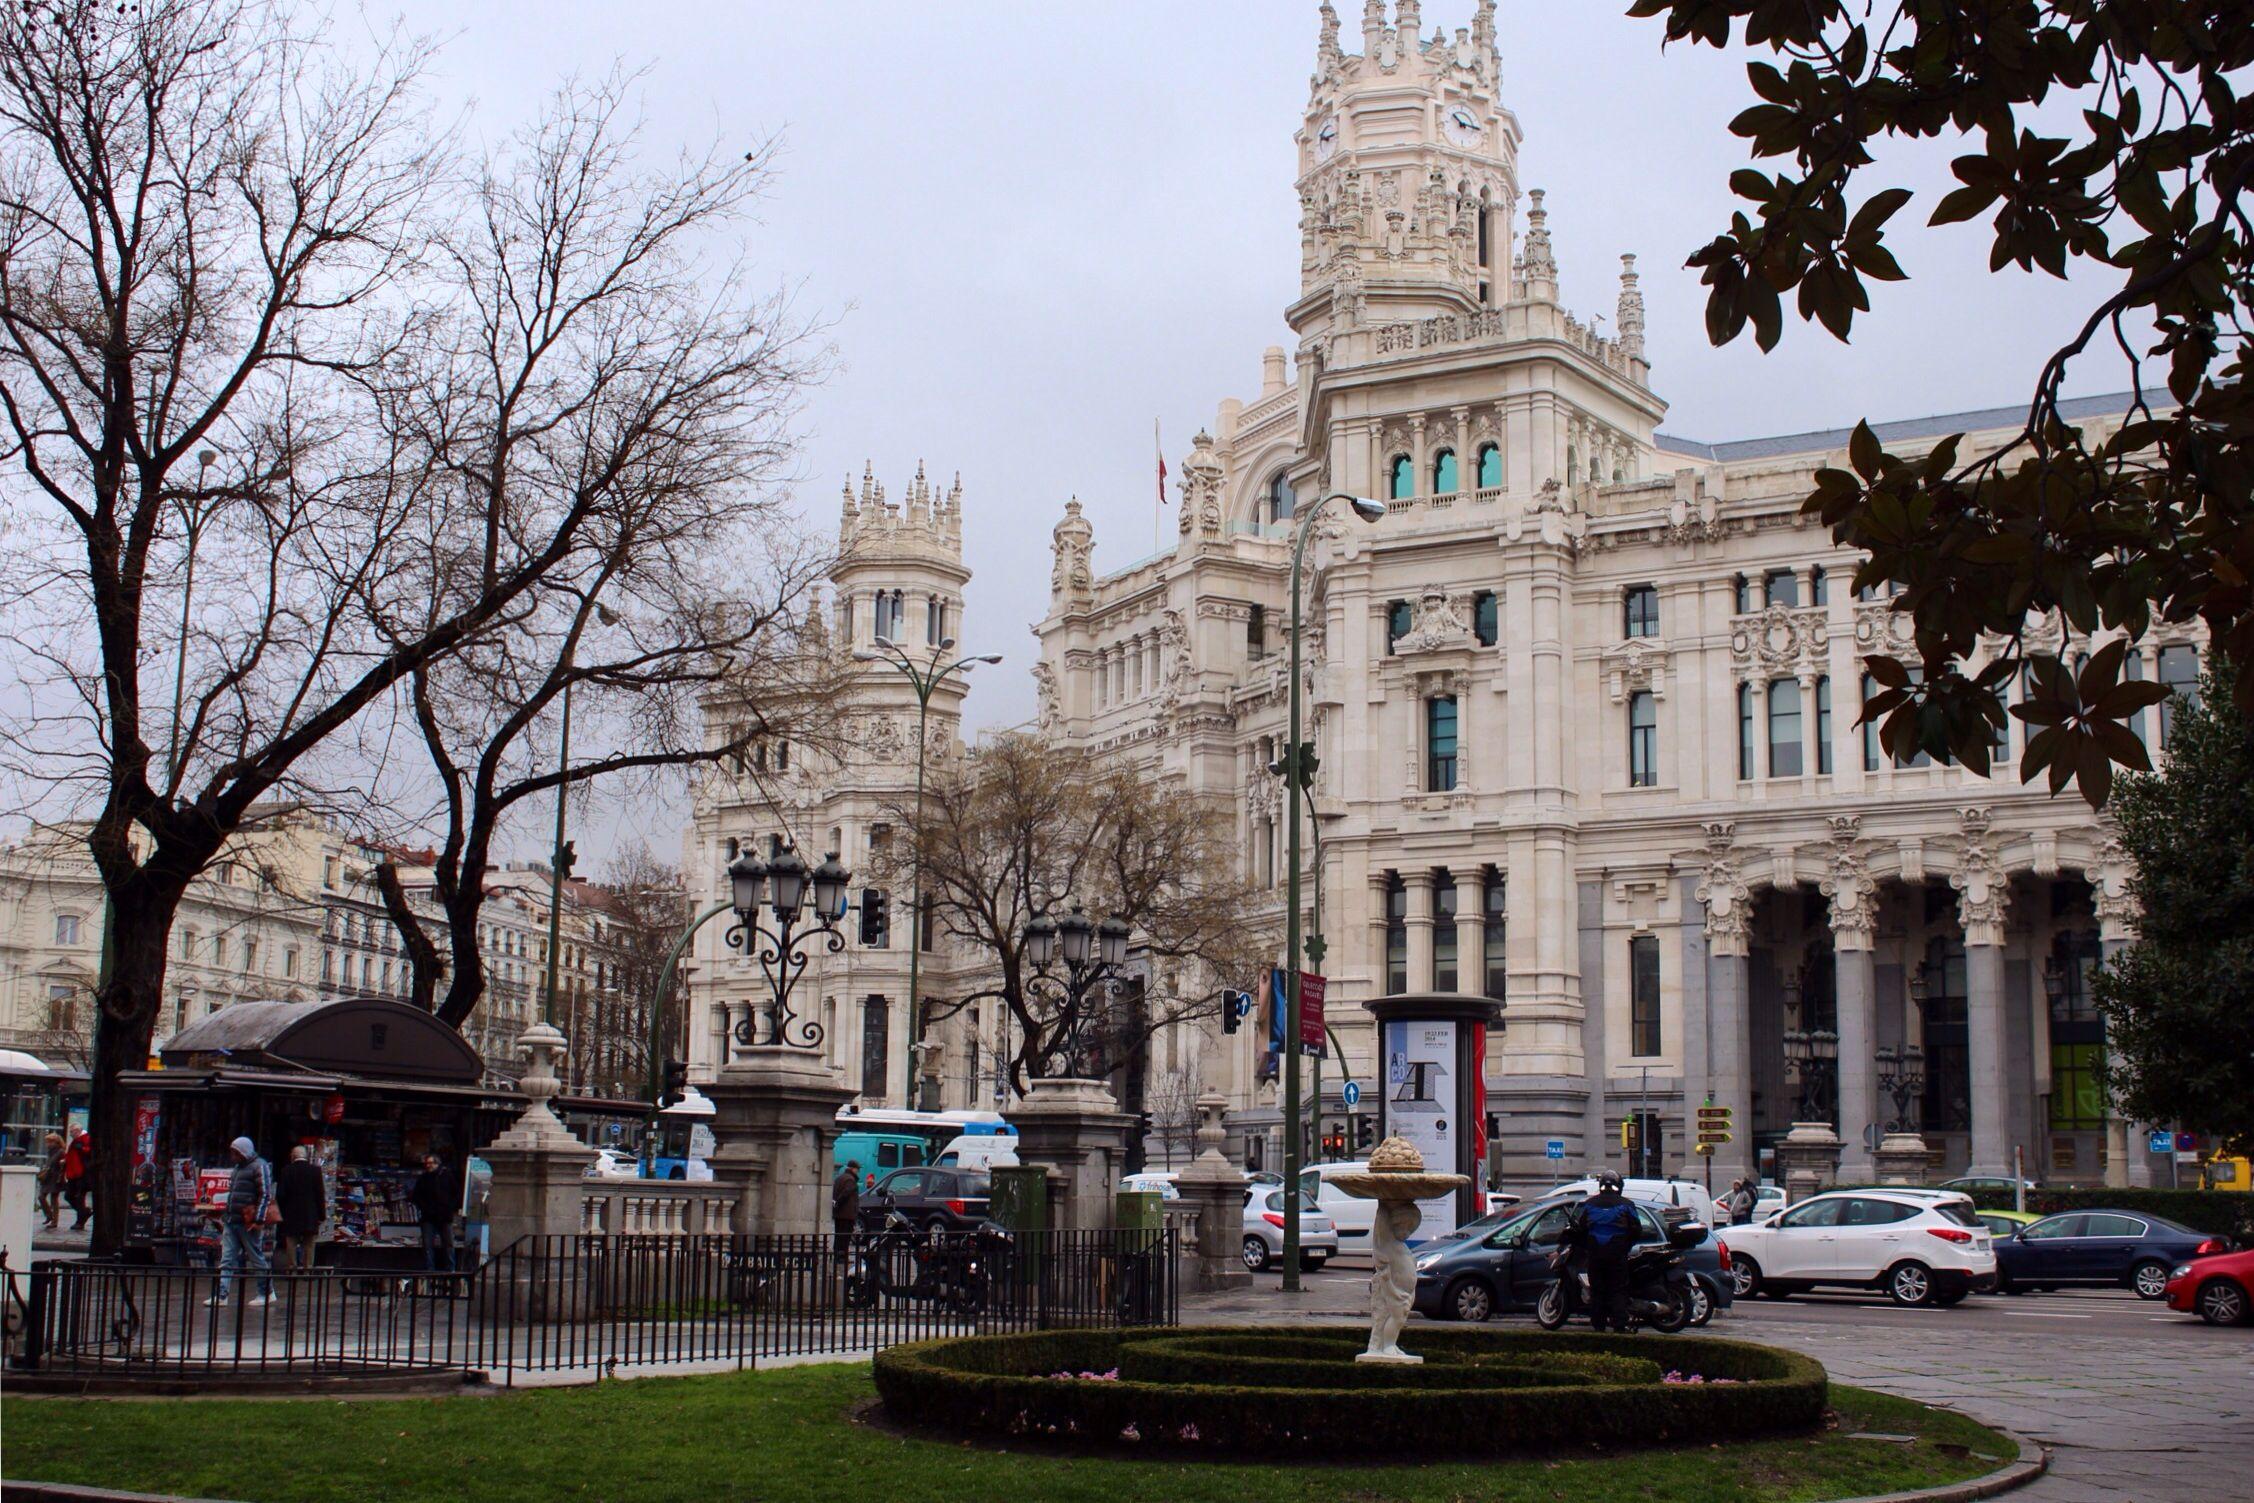 En Madrid esta semana (12/02/2014), uno de los edificios más emblemáticos de la capital española